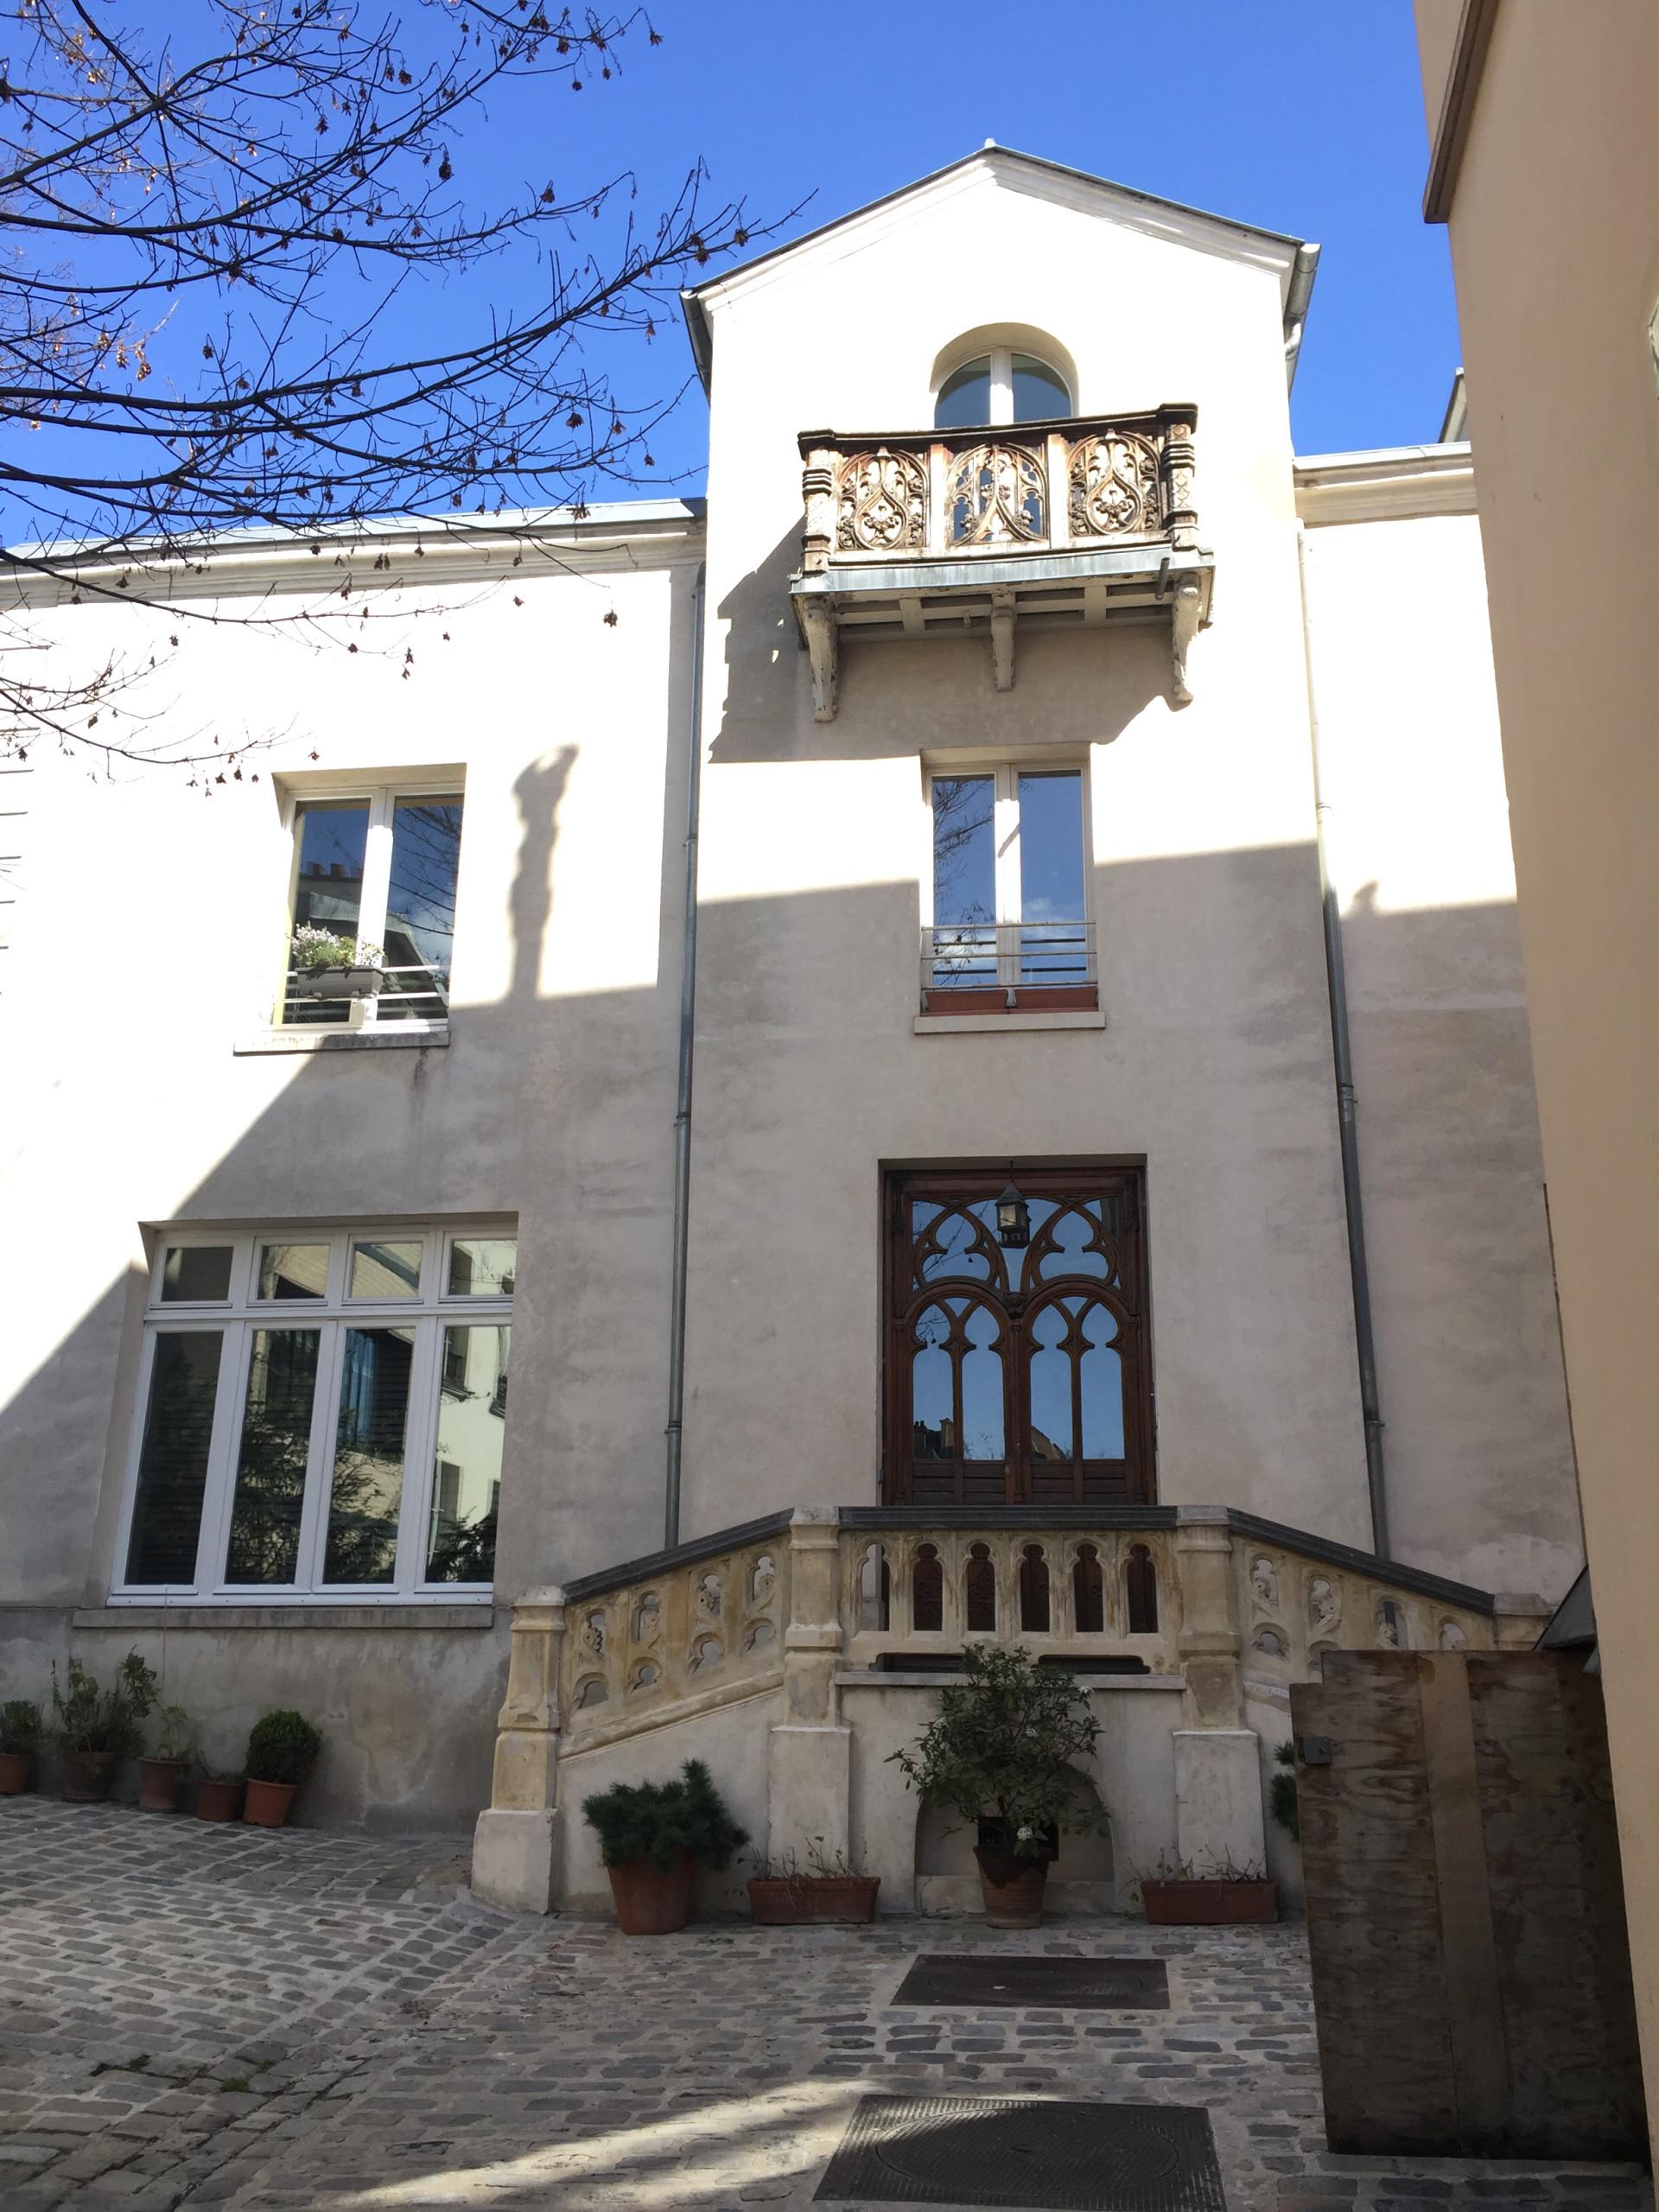 Maison à Montmartre